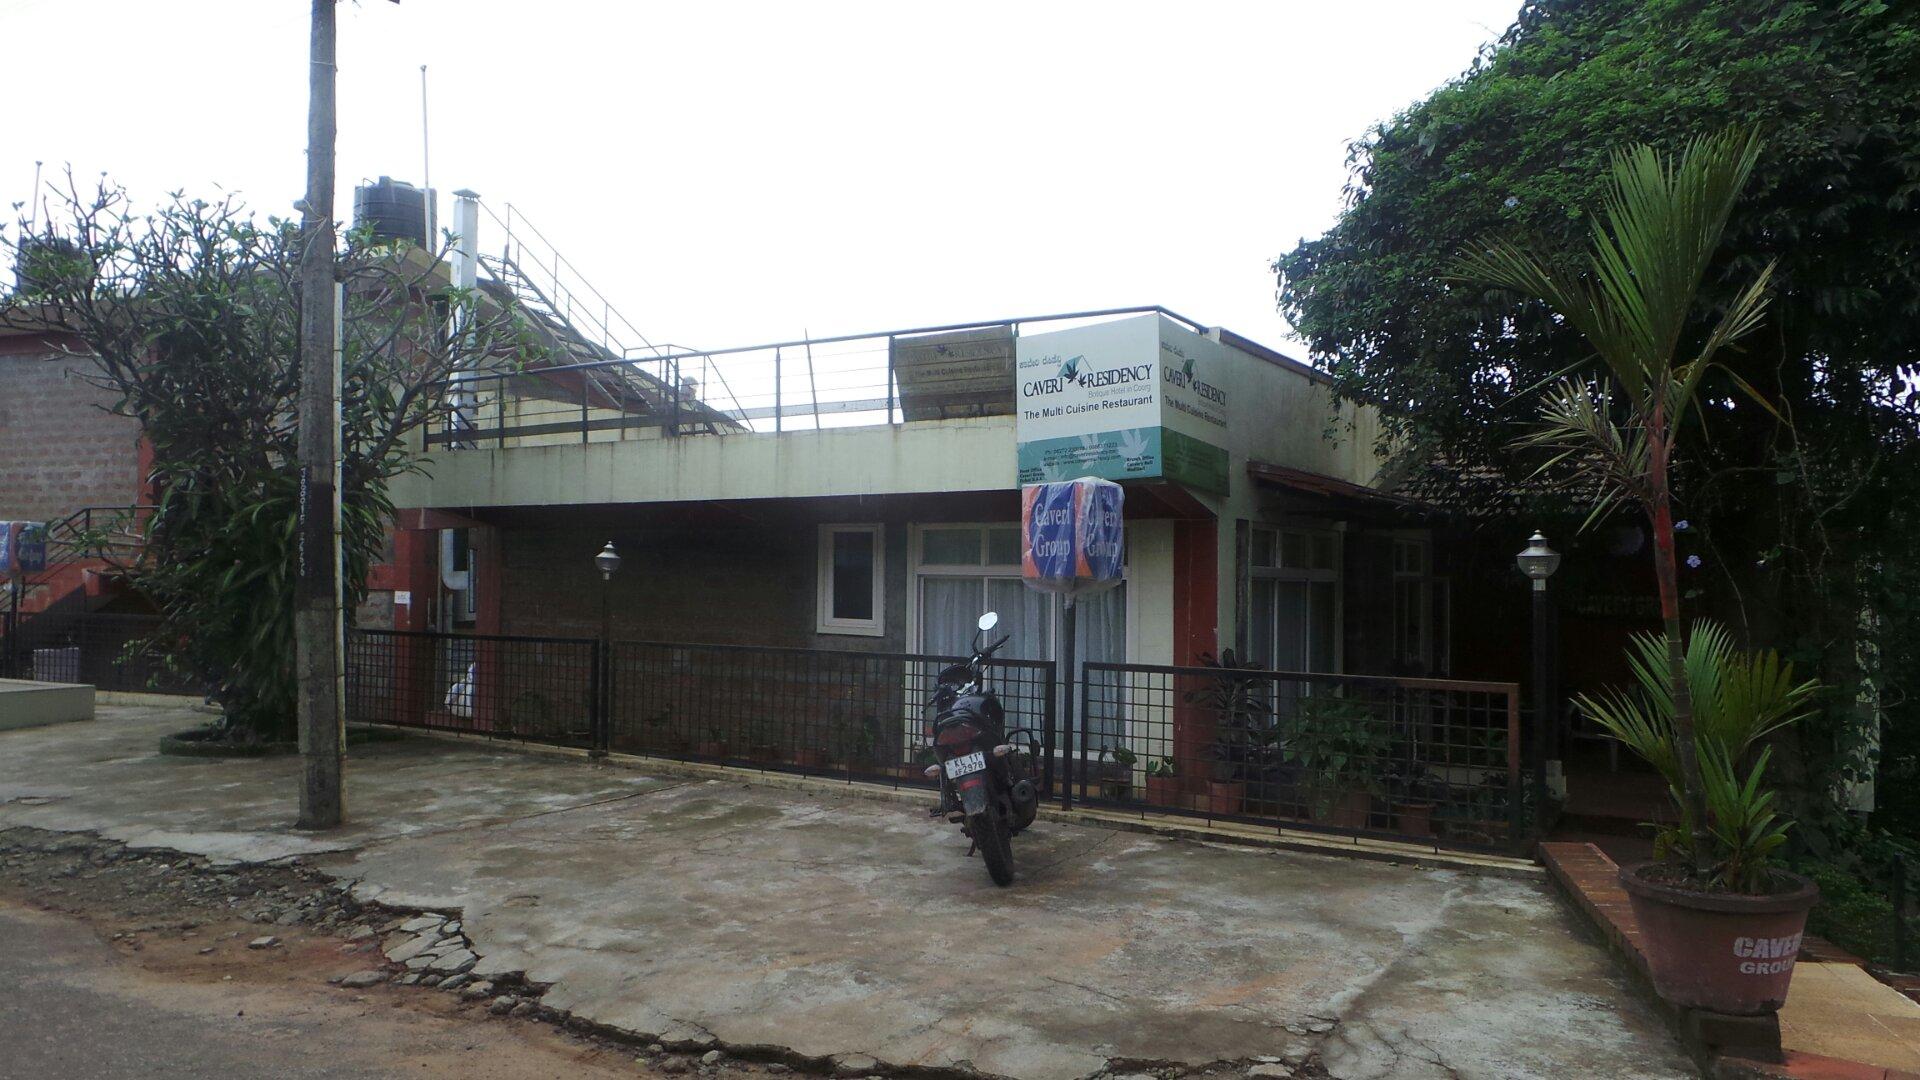 Caveri Residency in Madikeri